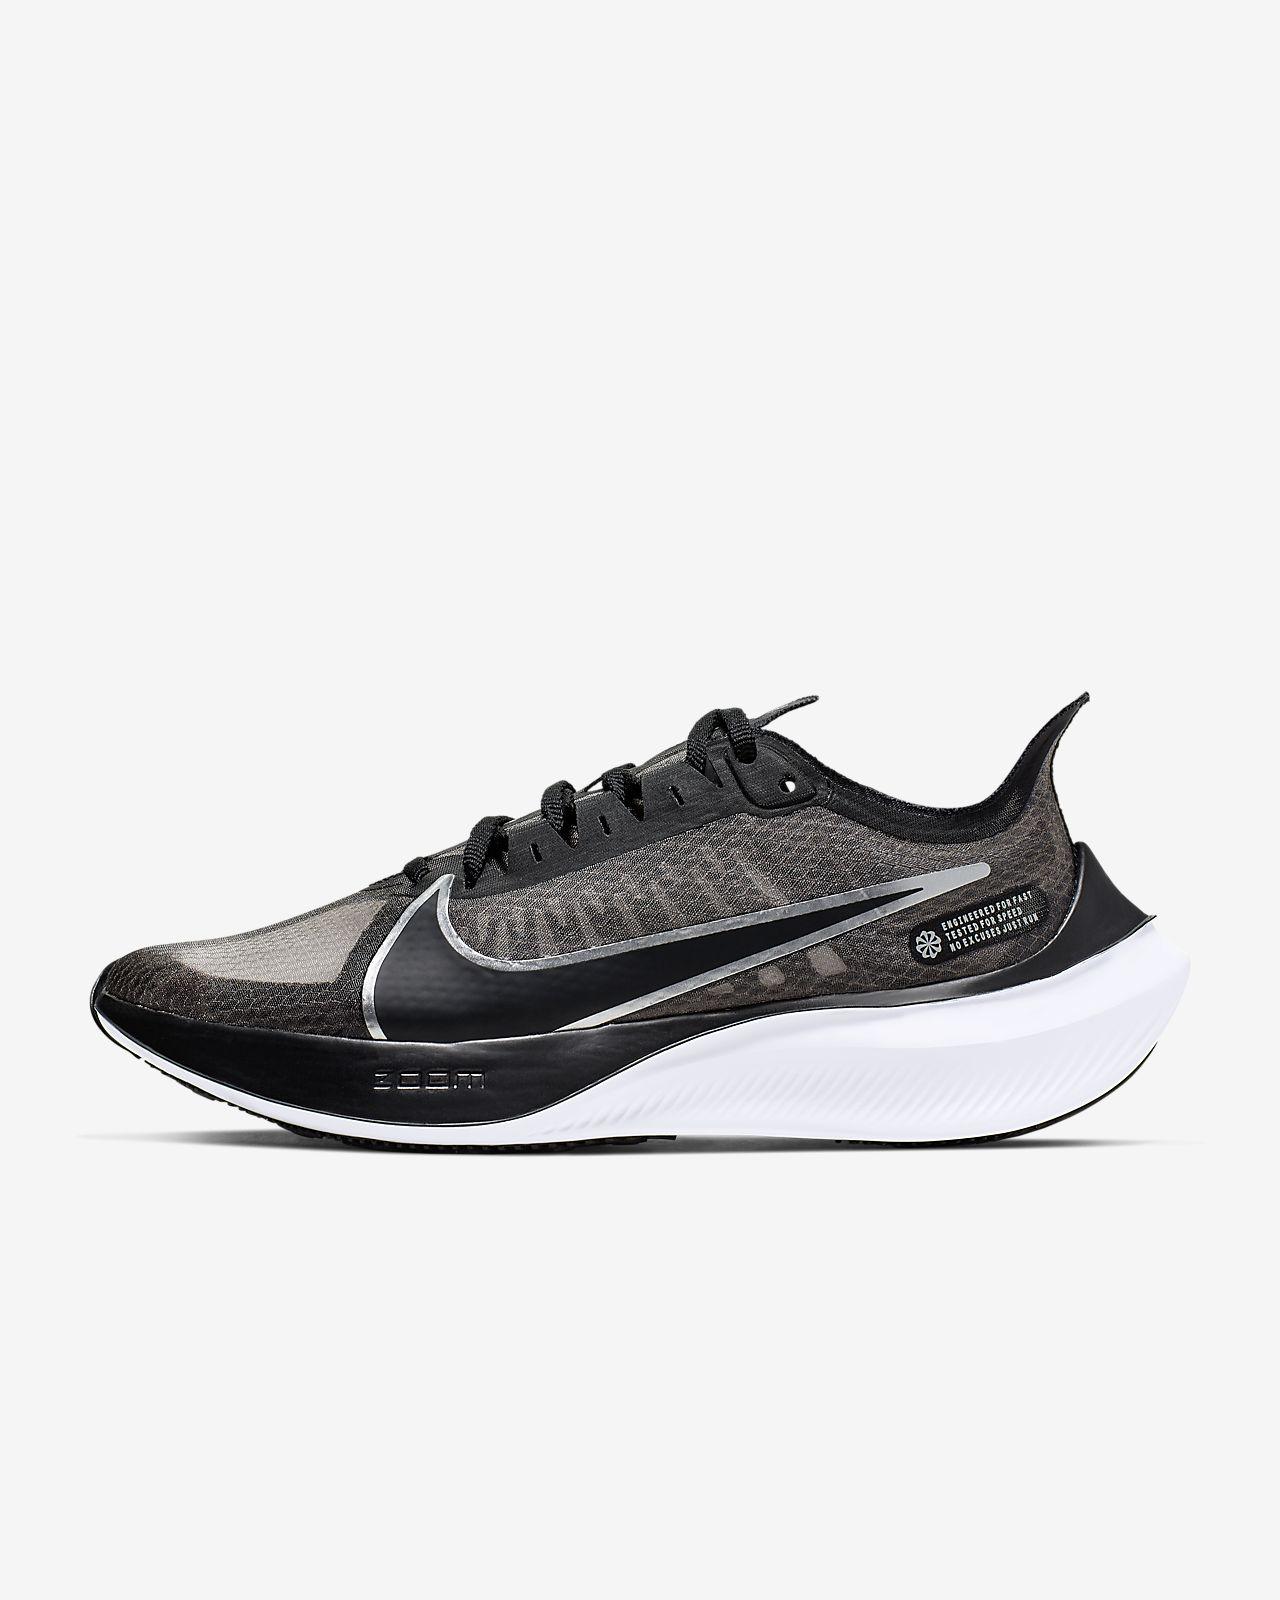 szczegółowy wygląd delikatne kolory najlepsze trampki Damskie buty do biegania Nike Zoom Gravity